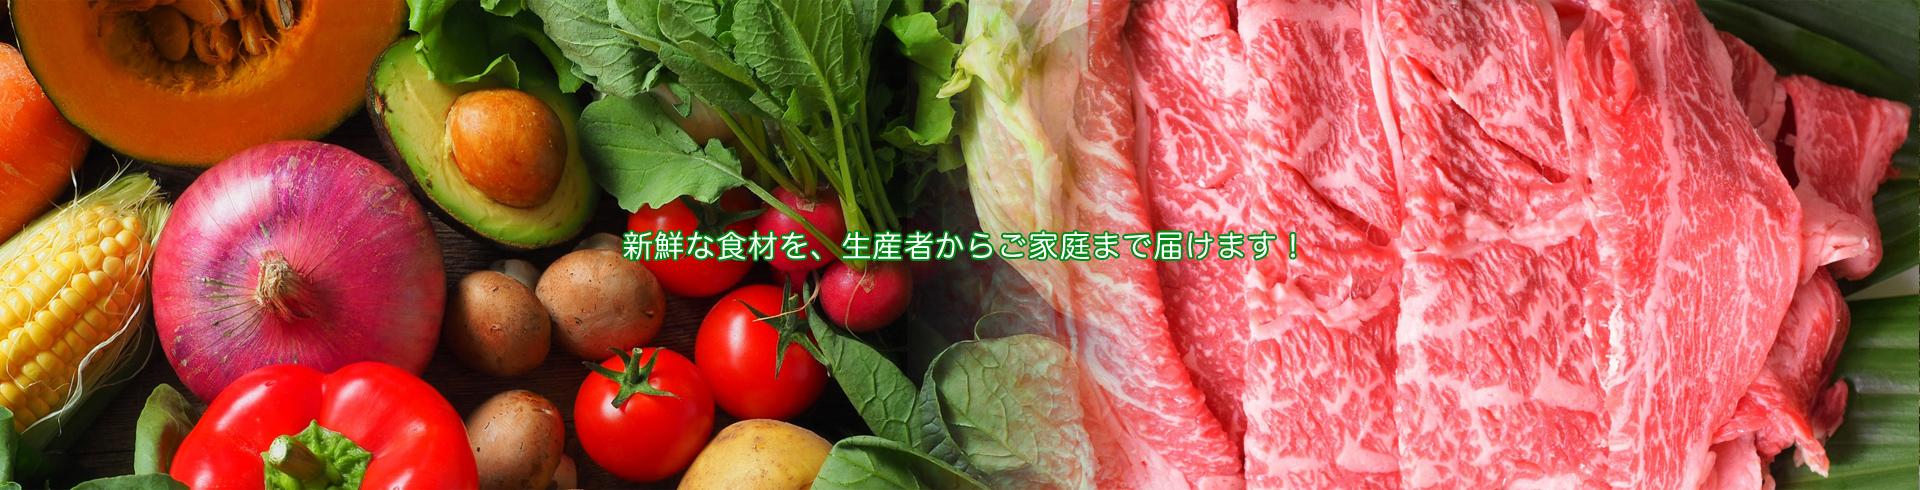 新鮮な食材を、生産者からご家庭まで届けます